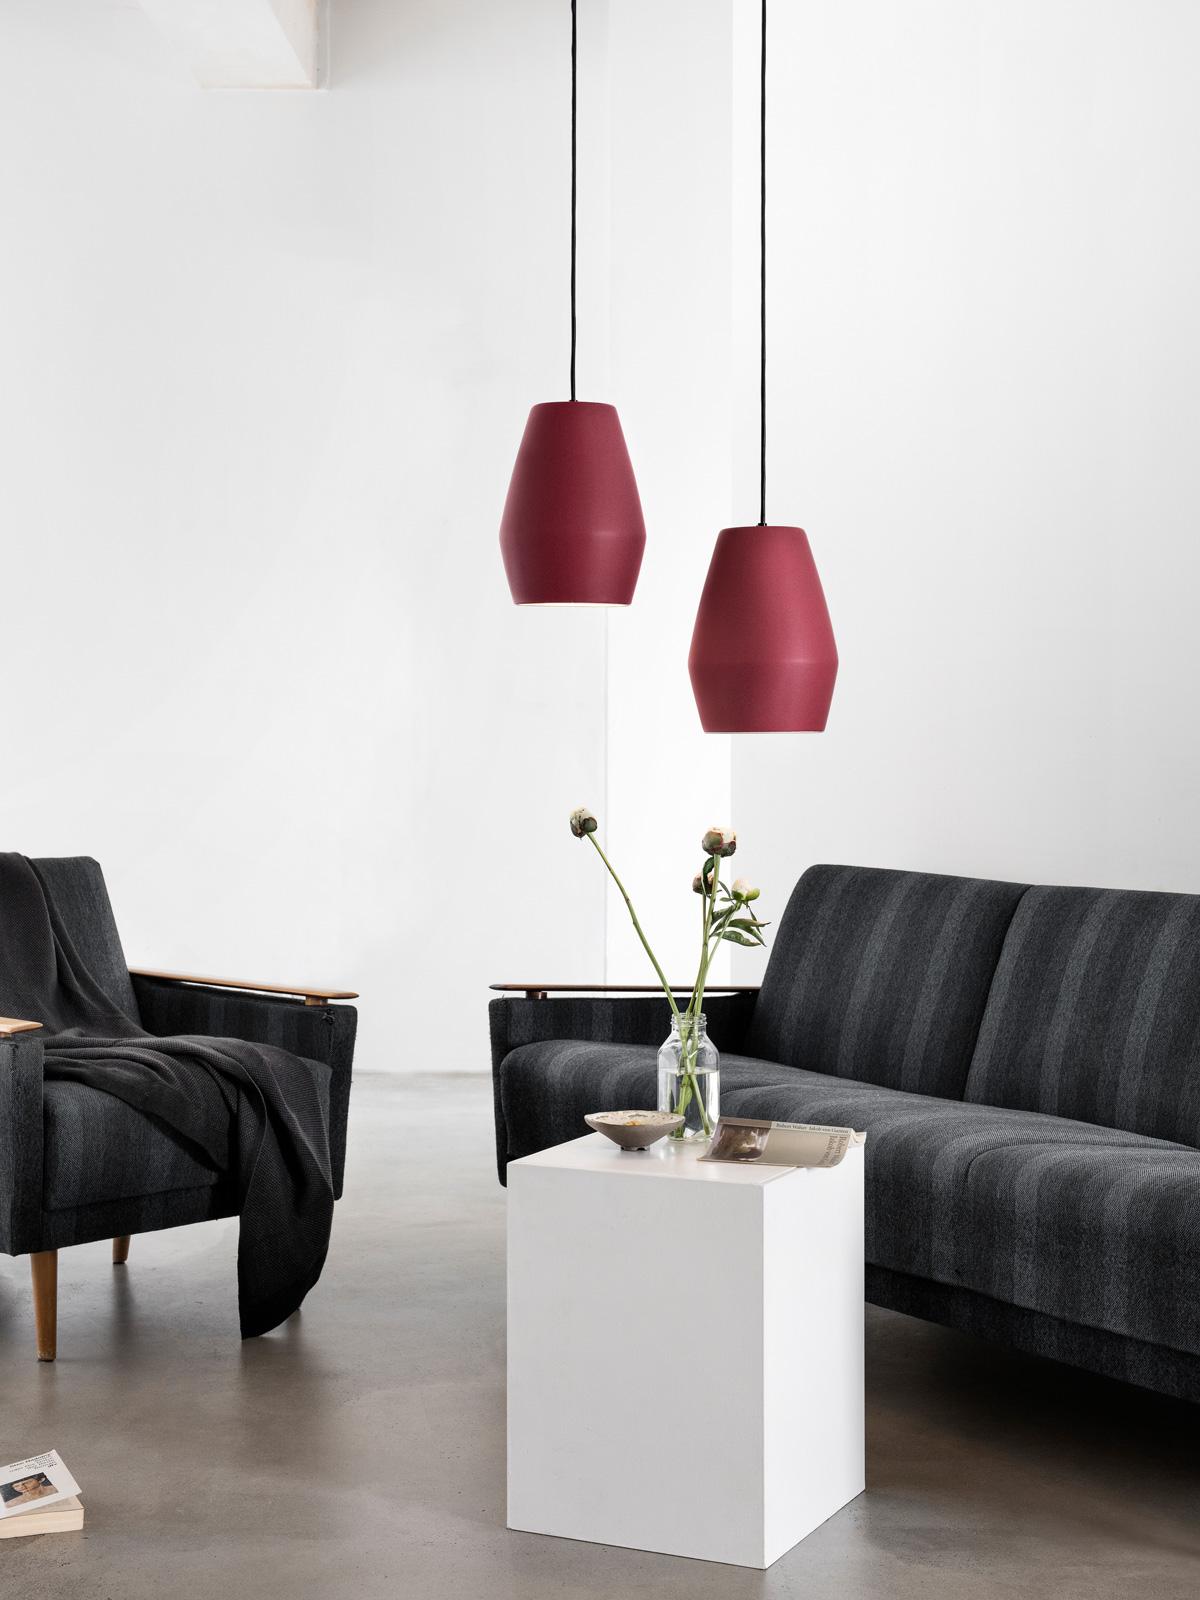 DesignOrt BLog: Designerleuchten in Rot